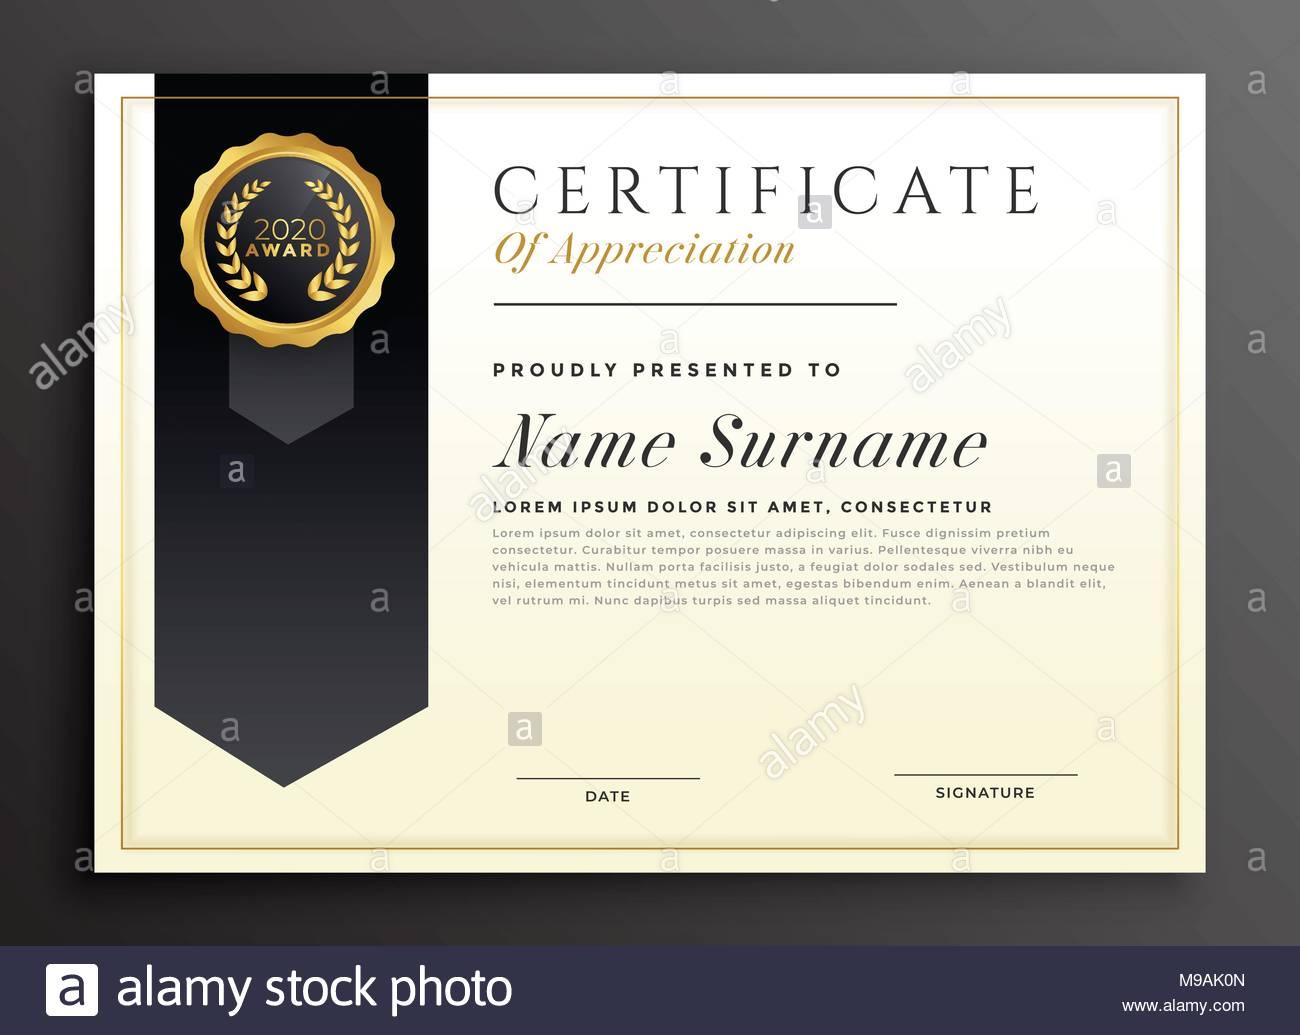 Elegant Diploma Award Certificate Template Design Stock Vector Art